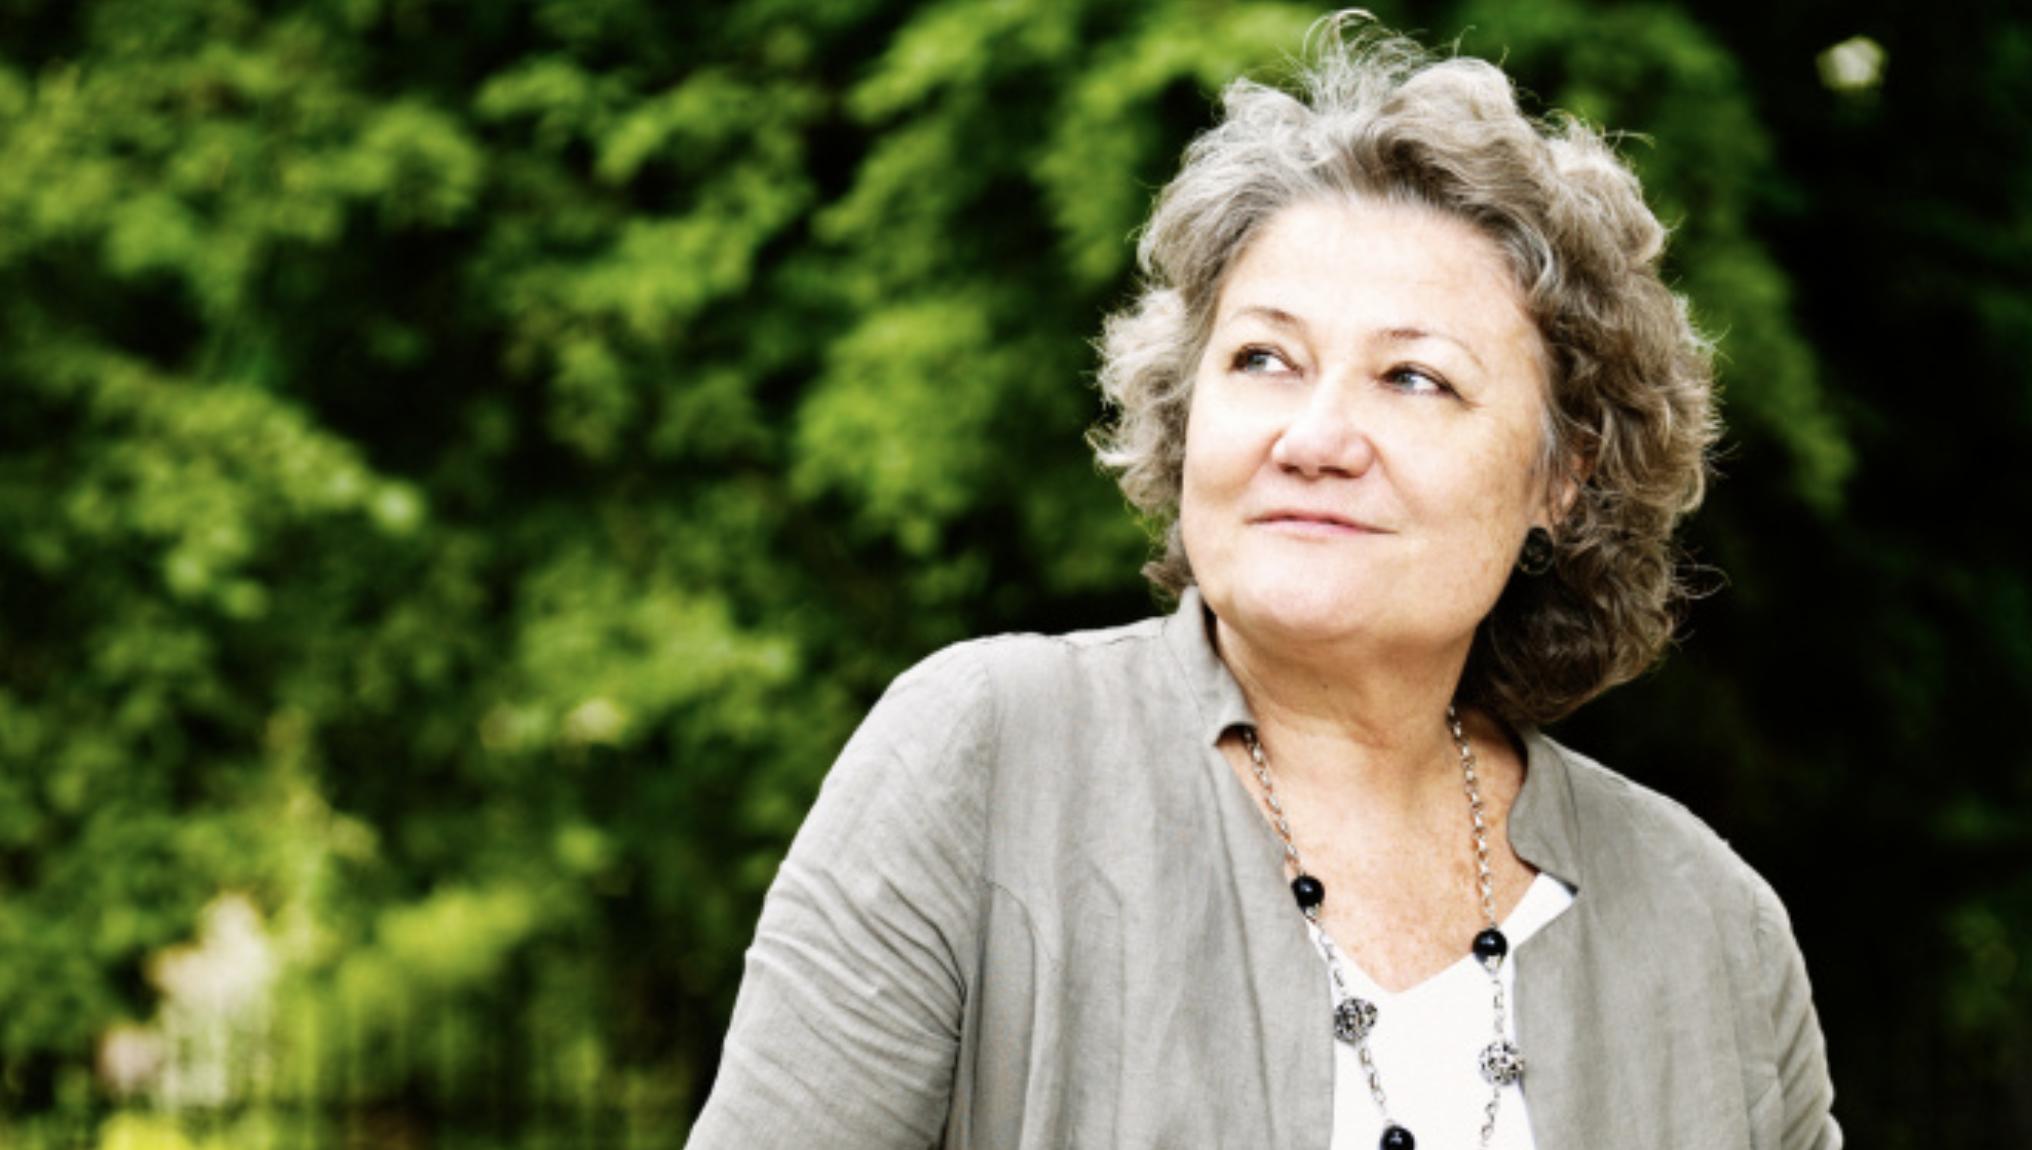 Lytta Basset, philosophe, professeure honoraire de théologie à l'université de Neuchâtel ©Jean-Marc Lubrano